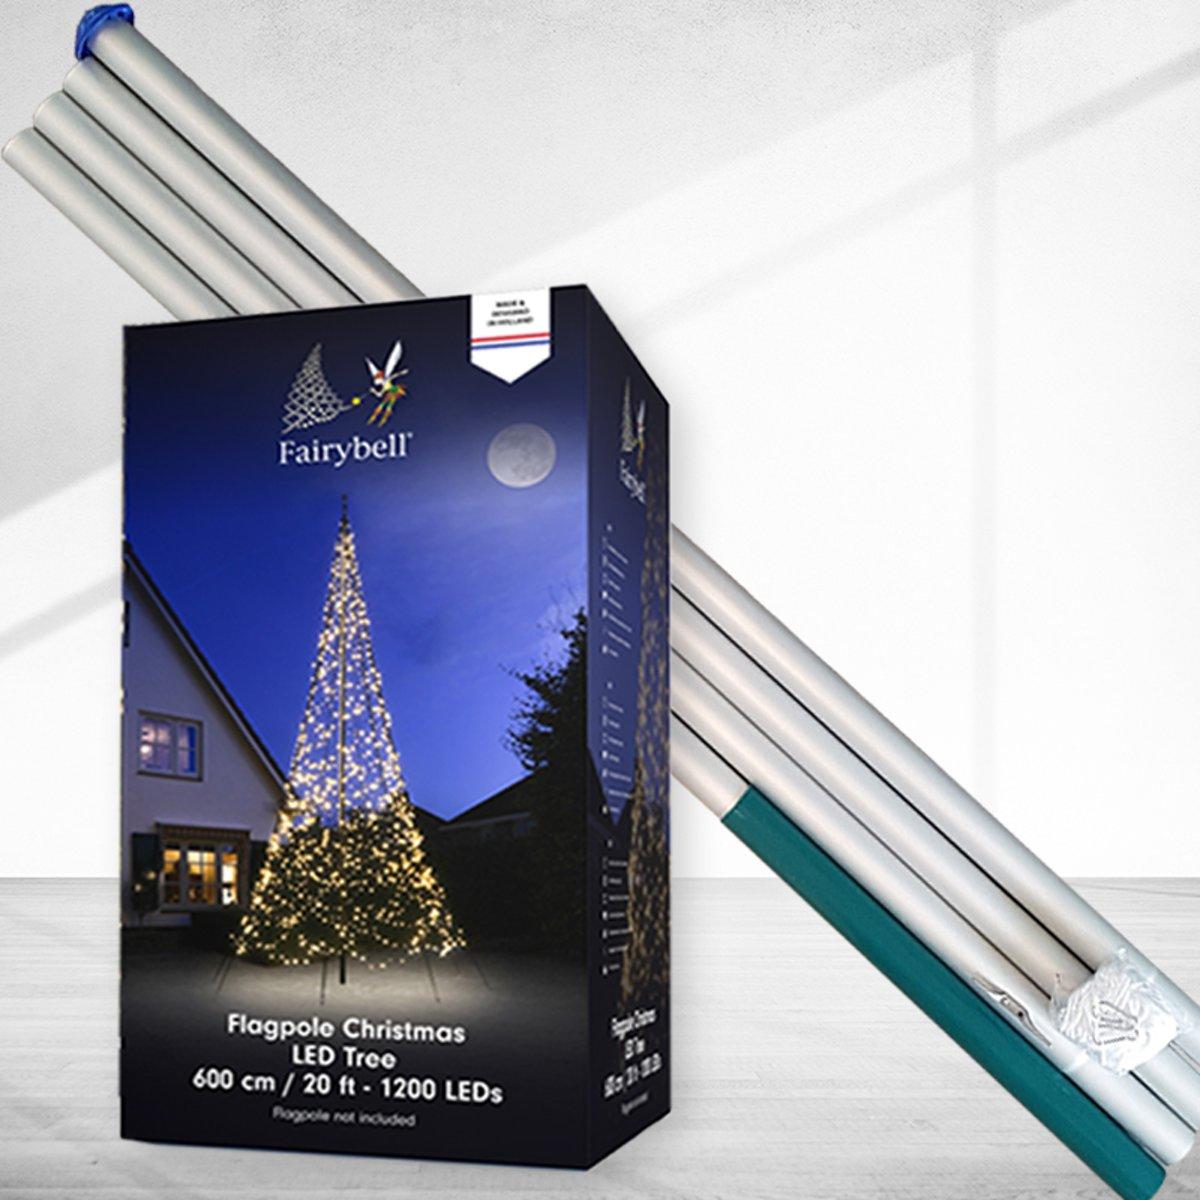 Fairybell 1200 Led incl 6 meter vlaggenmast aluminium kopen